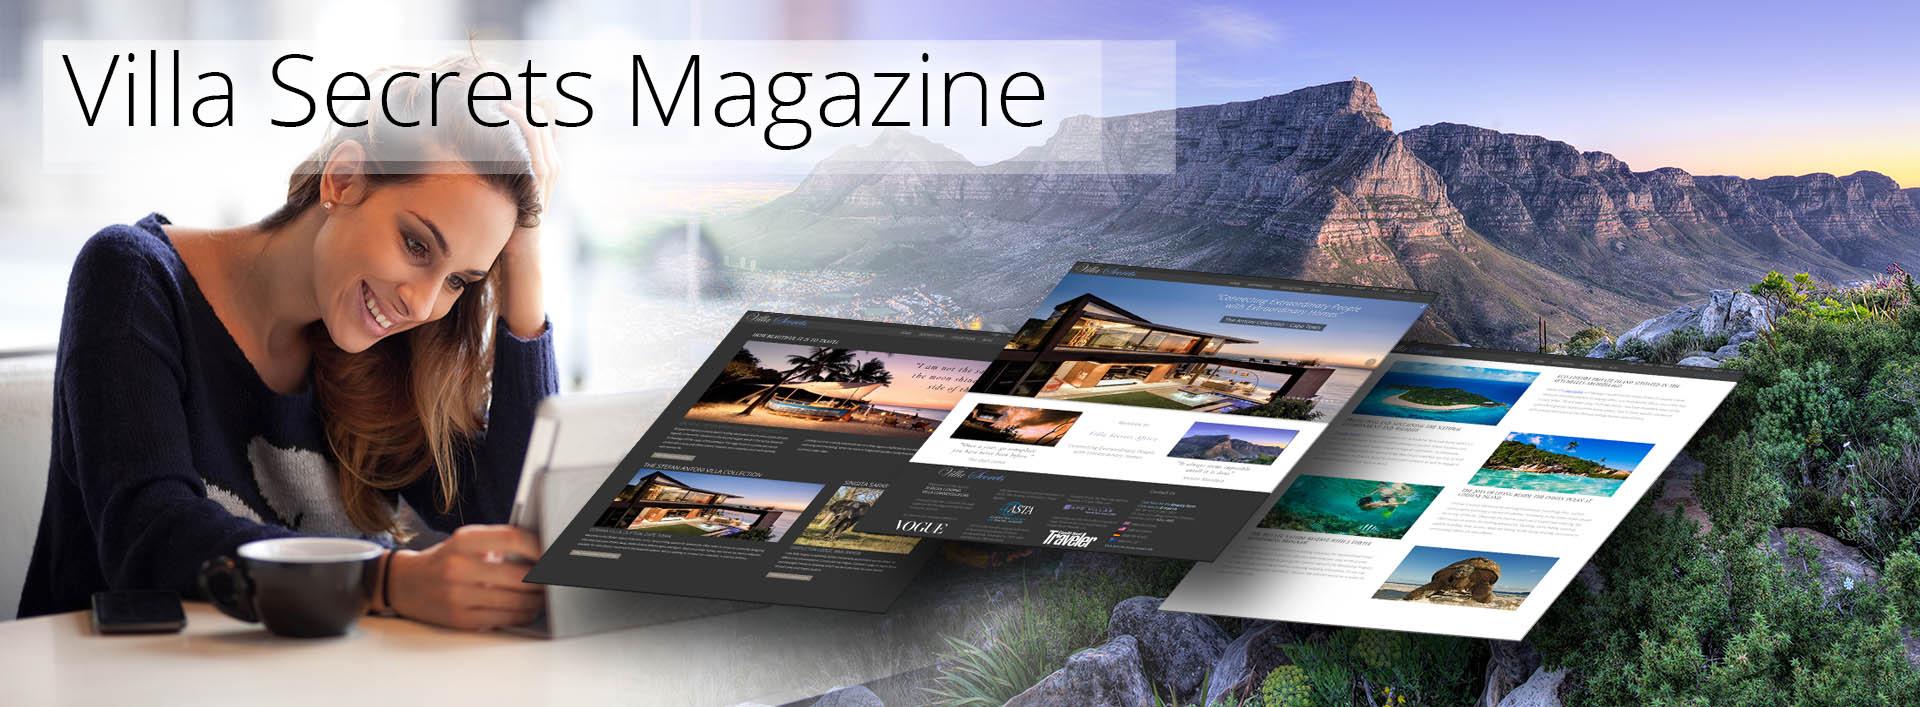 Villa Secrets Magazine